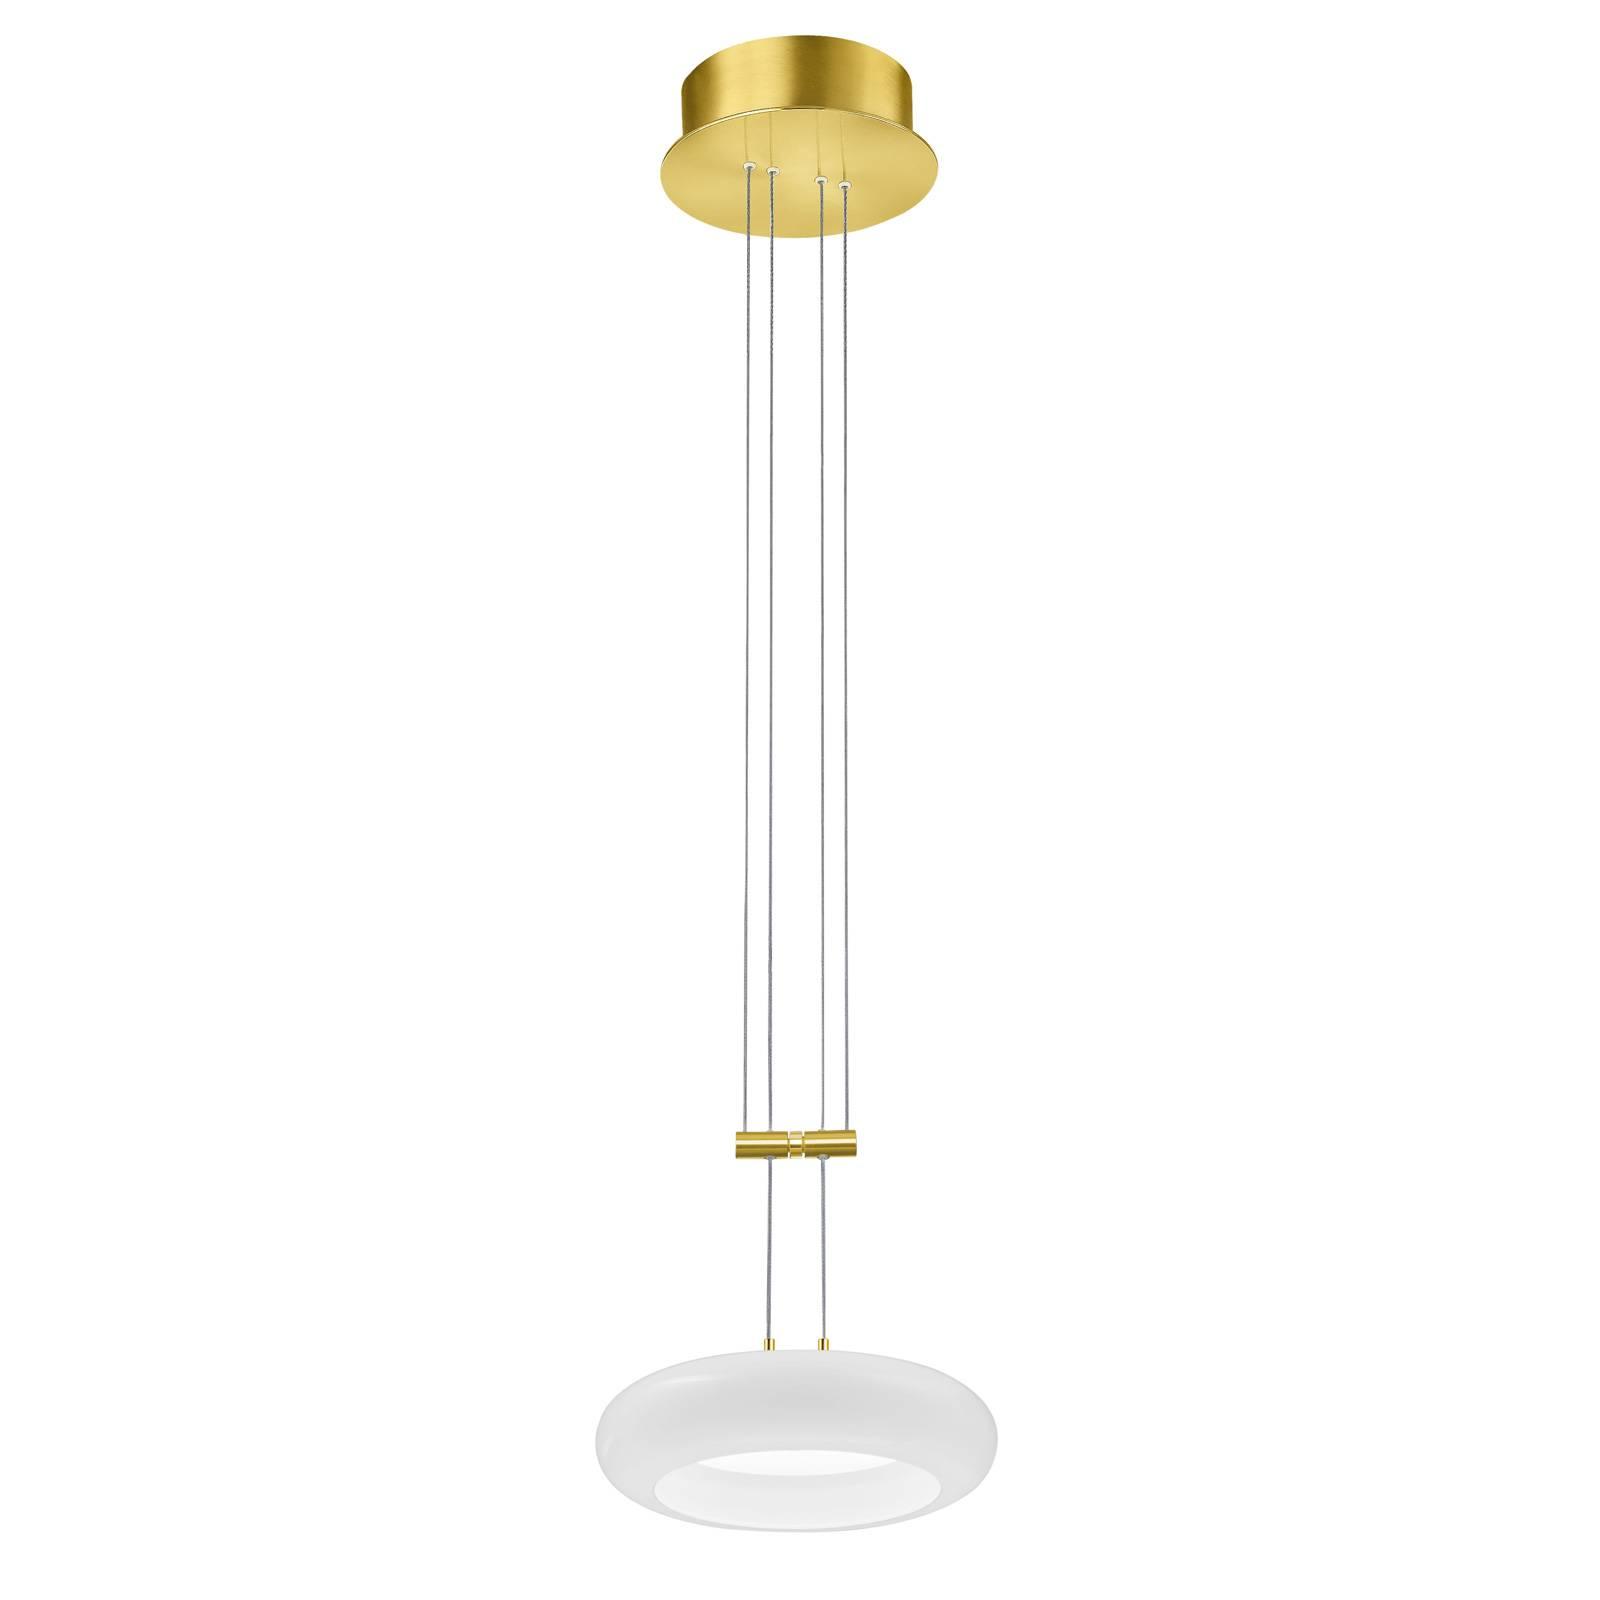 BANKAMP Centa lampa wisząca 1-pkt. 20 cm mosiądz